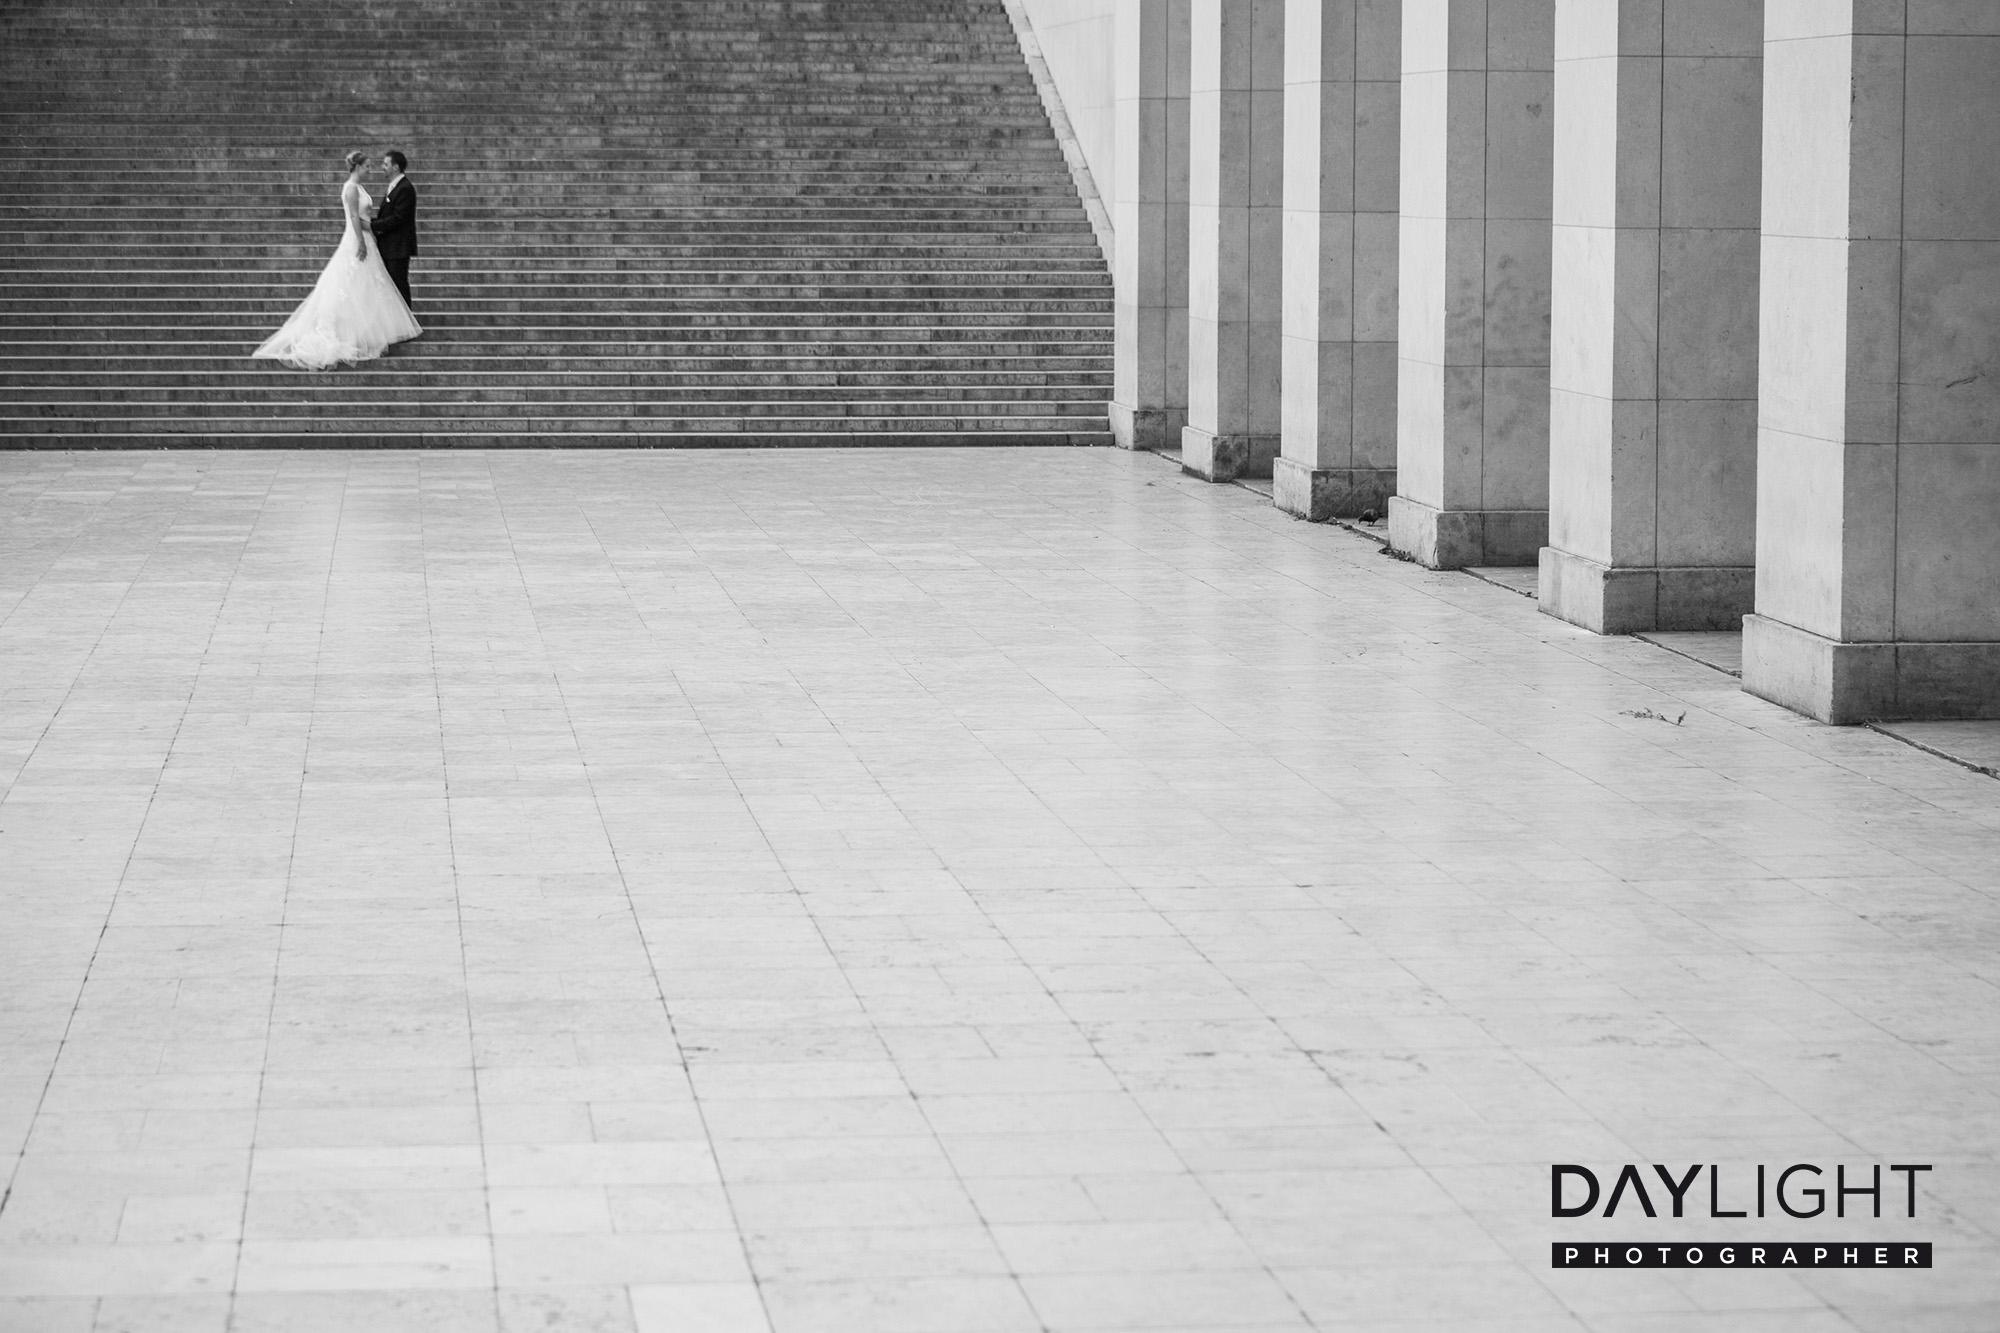 Beispiele für ein professionelles Fotoshooting in europäischen ...